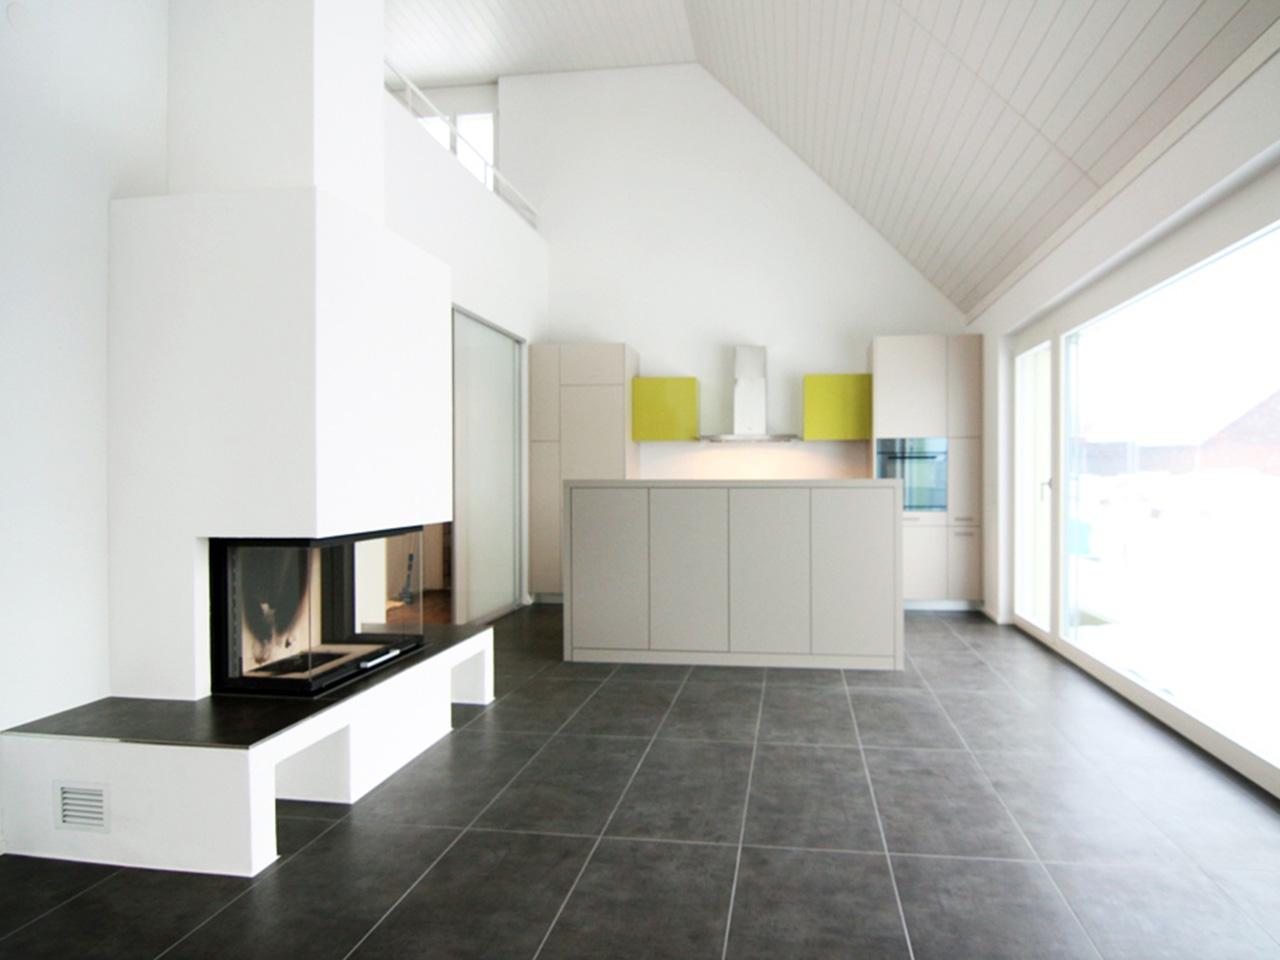 laubhus-architektur-einfamilienhaus-laufen